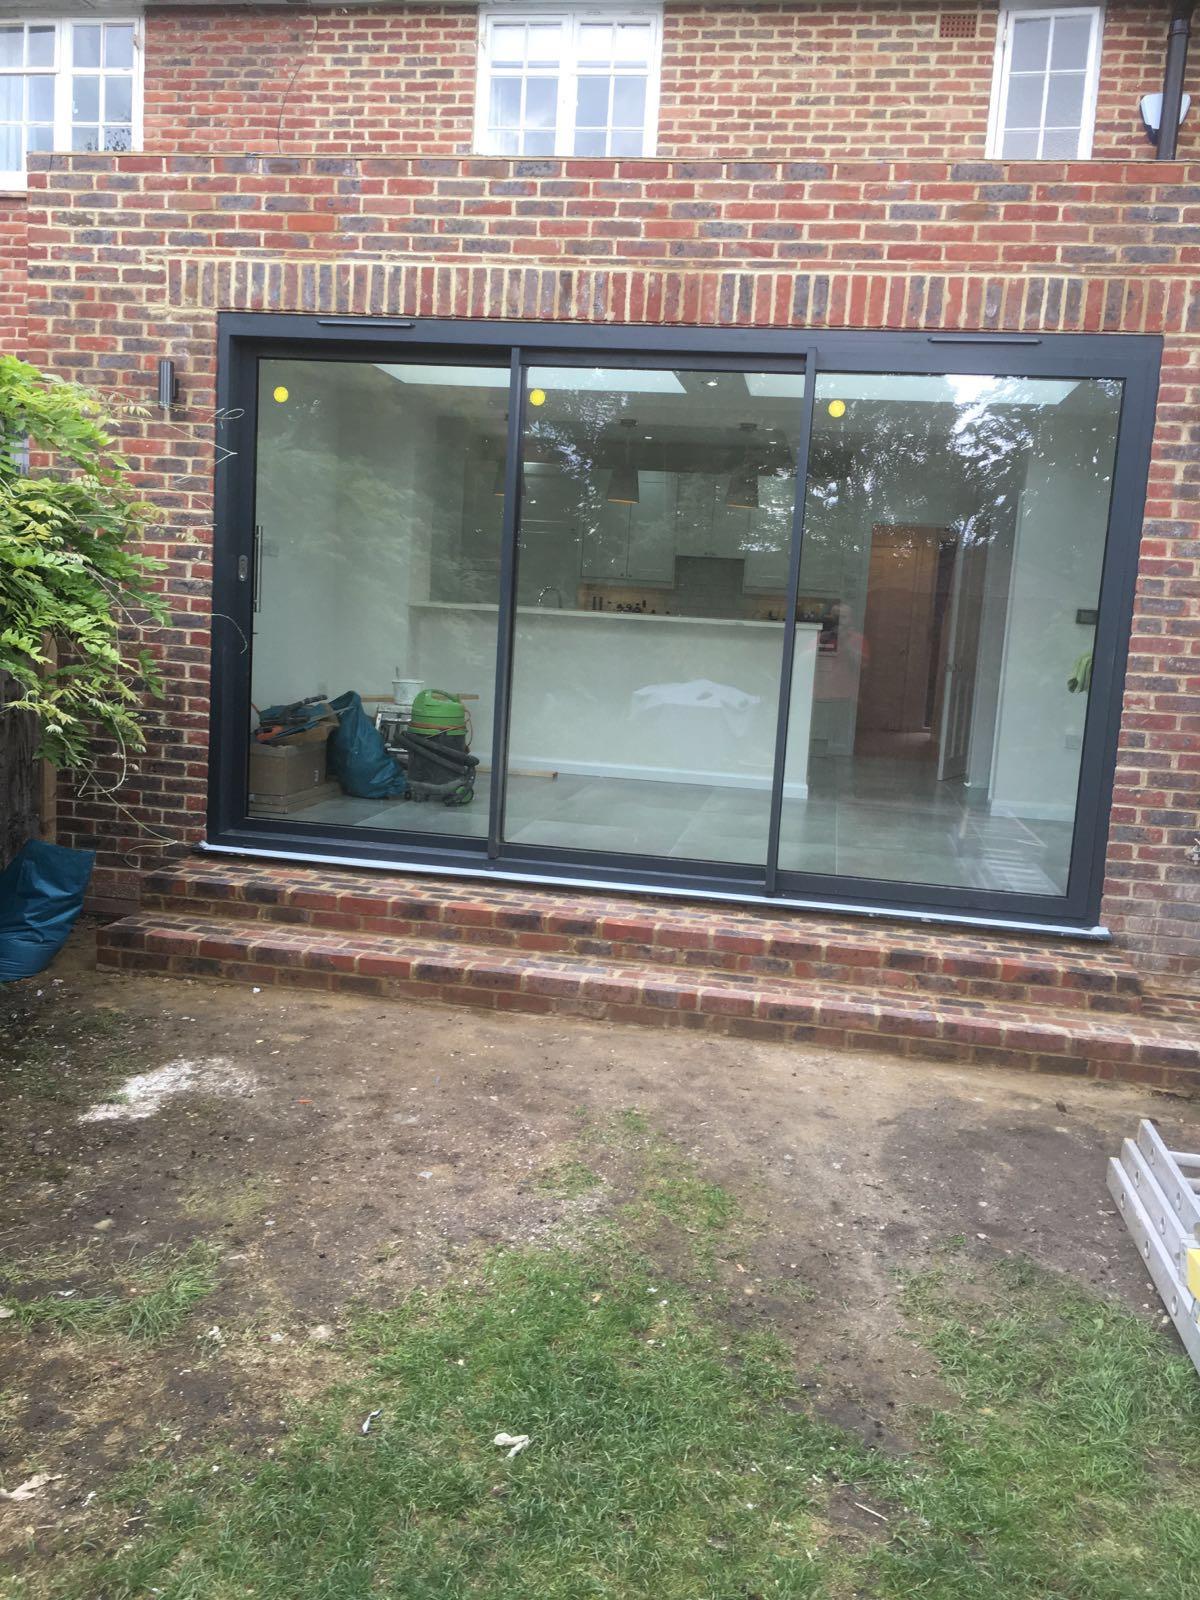 aluminium doors supplier at our putney sw15 kitchen extension aluminium doors supplier at our putney sw15 kitchen extension